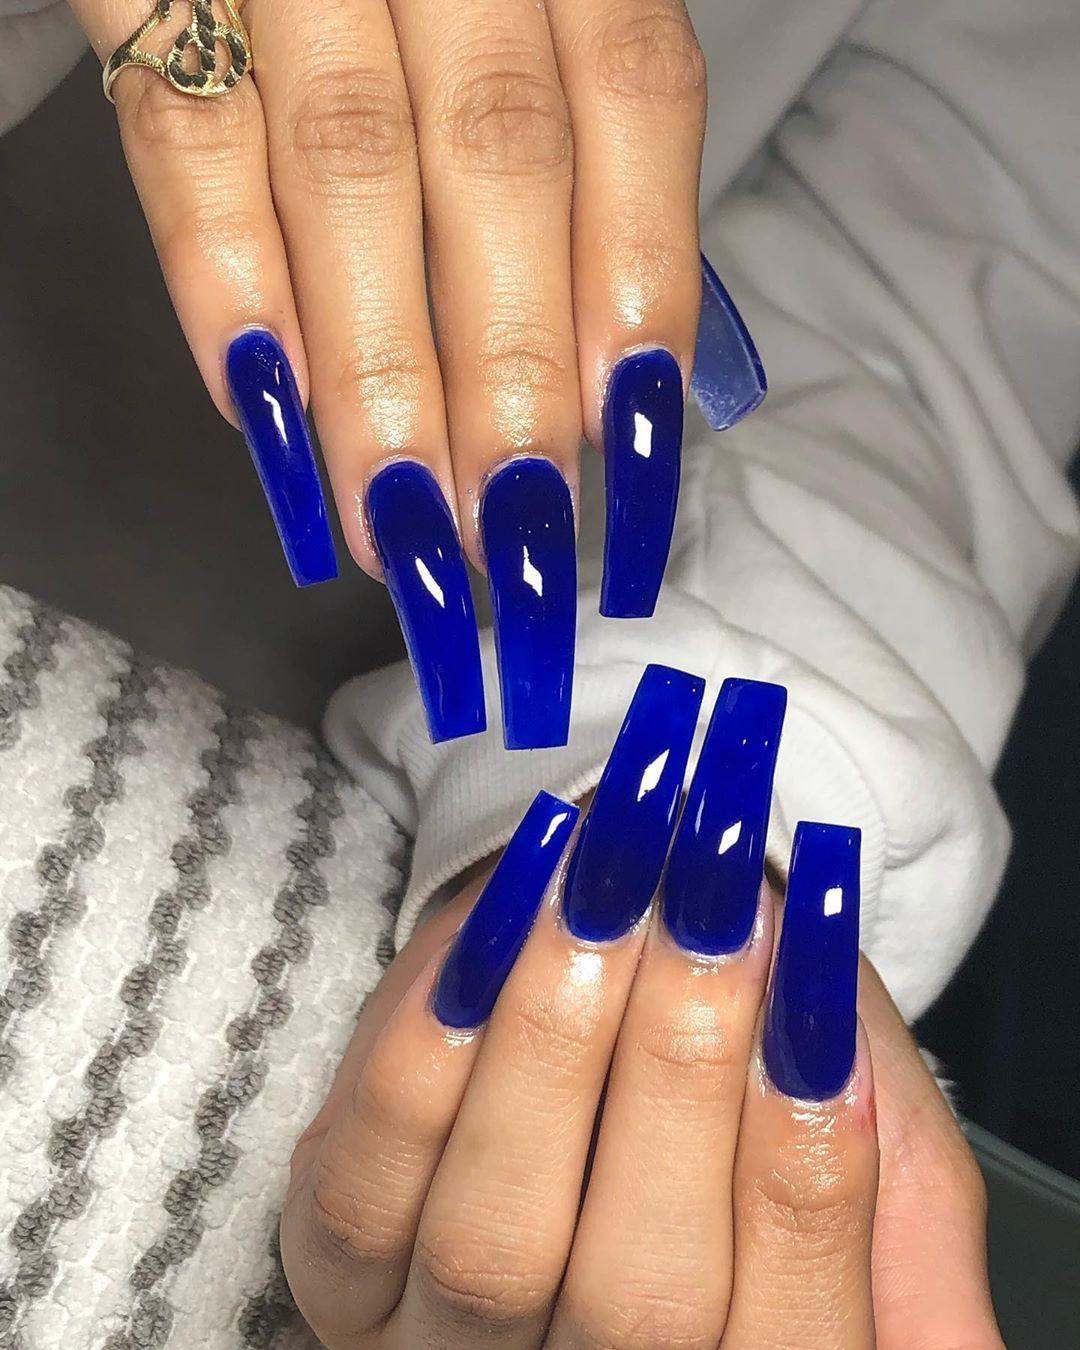 Bluenails Longnails Coffinnails Ienailtech Nailsnailsnails Nailsofinstagram Nailso Blue Acrylic Nails Jelly Nails Blue Long Nails